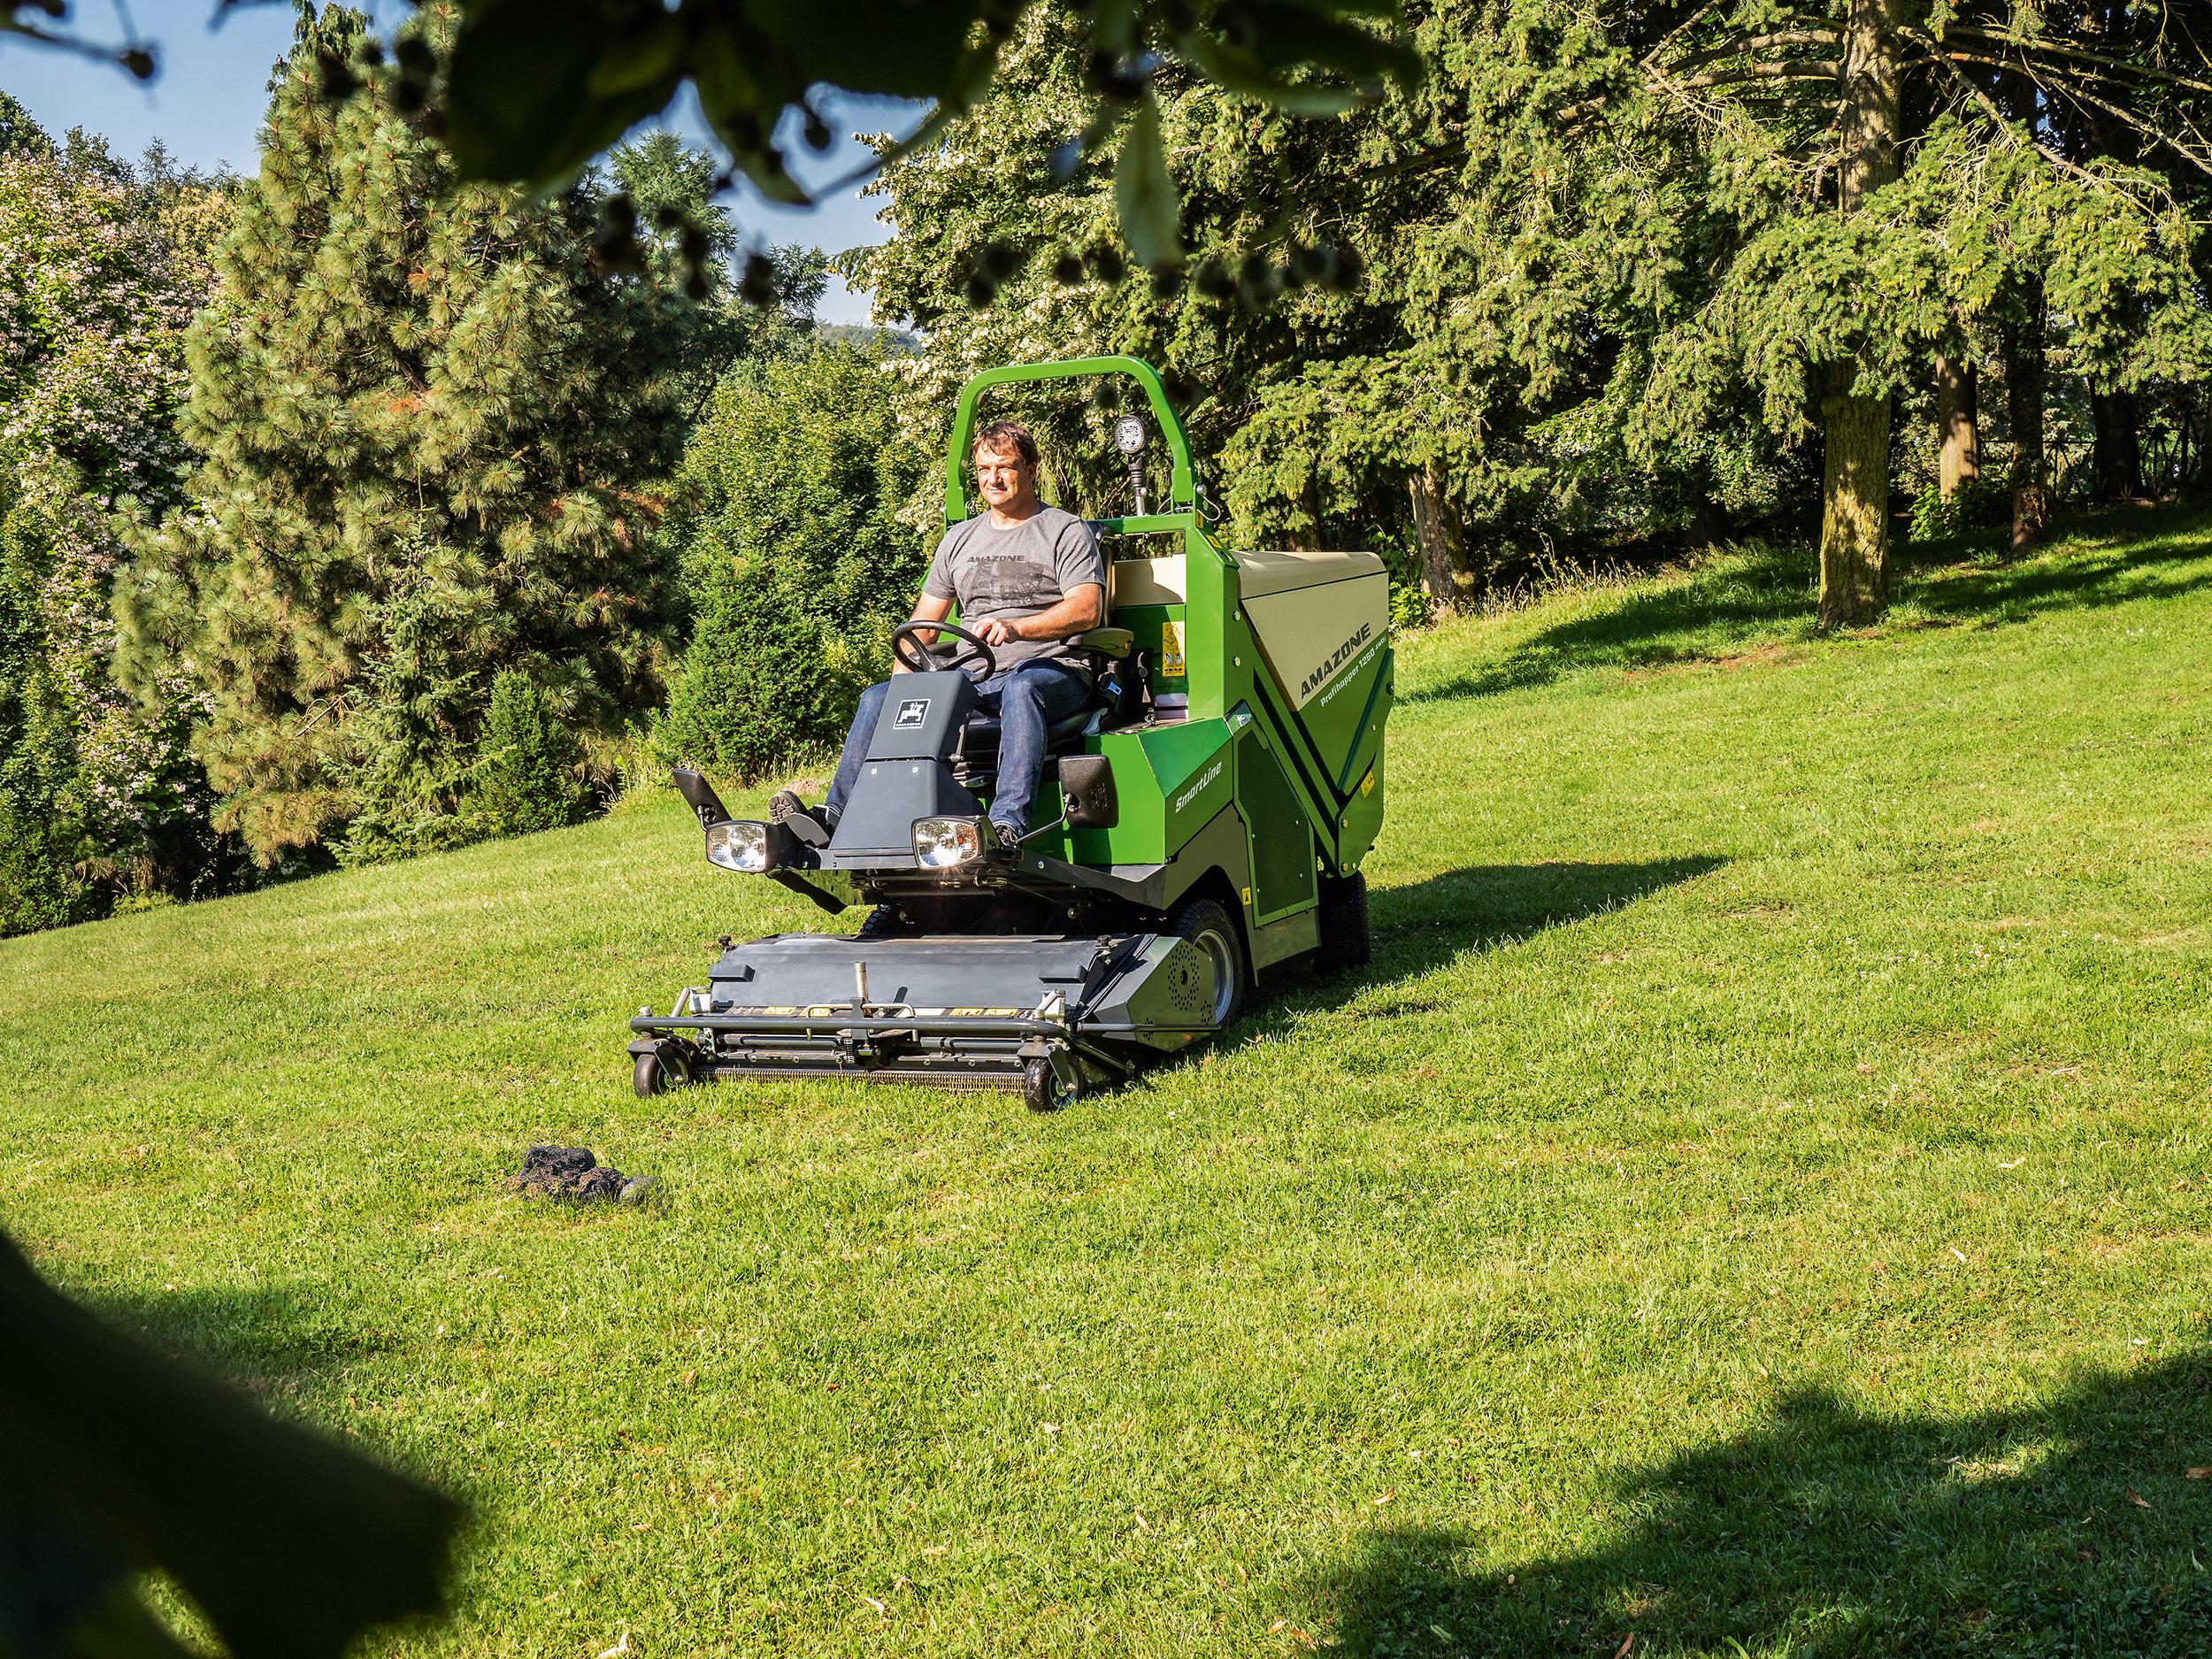 Med Amazone Proffihopper kan man klippa under nästan alla väderleksförhållande eller om det är väldigt högt gräs.